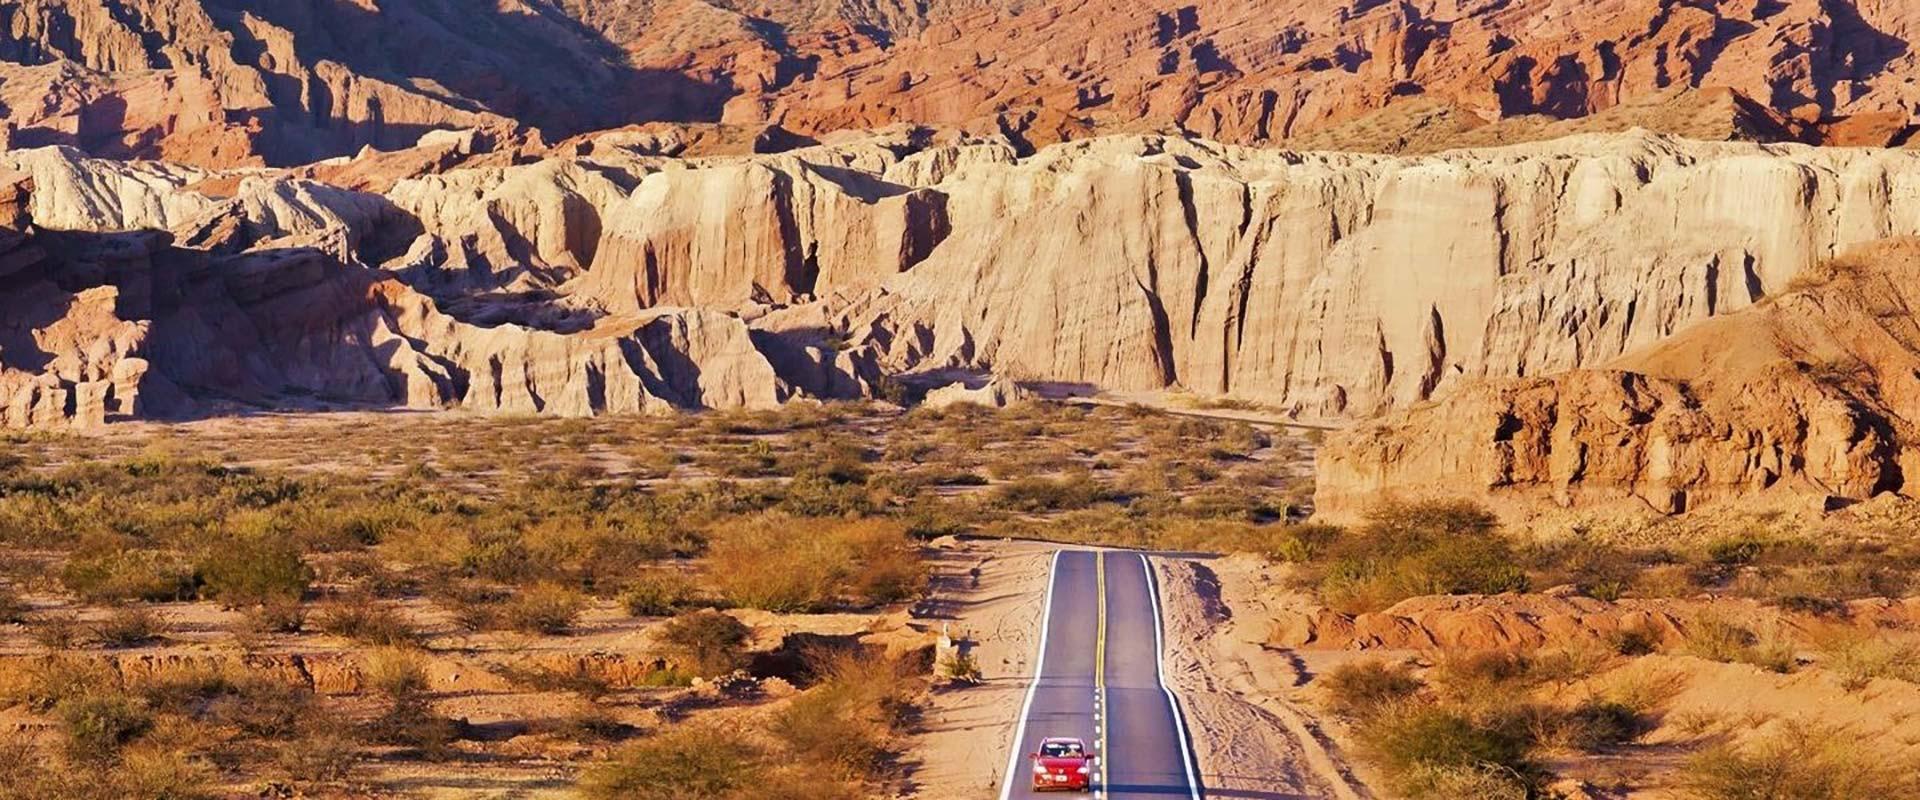 argentine cafayate salta nord ouest argentin désert route excursion voiture nature désert montagne